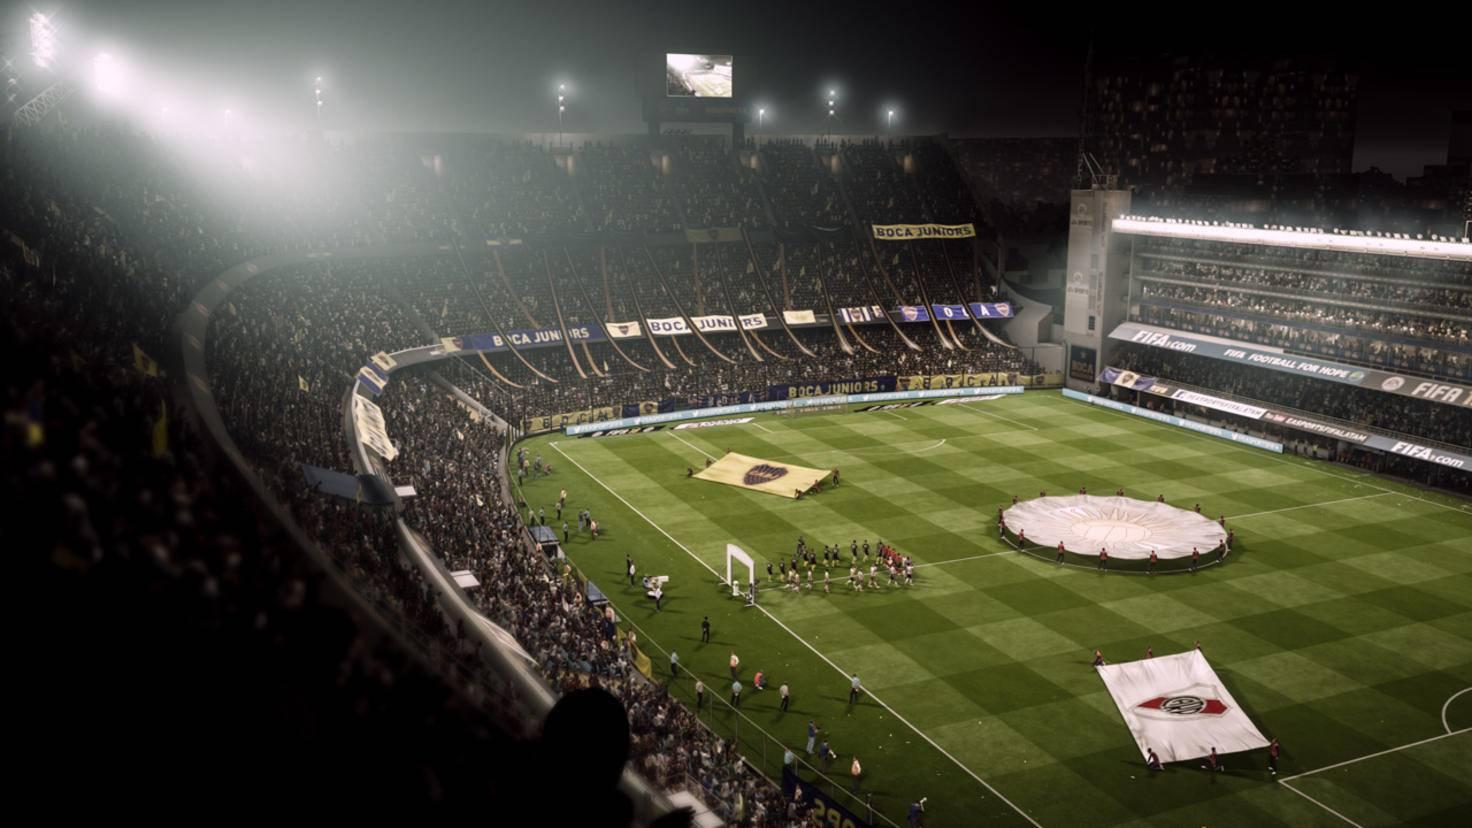 Klar, auch eine üppige Optik und Stadionatmosphäre gehören zum Fußball dazu.